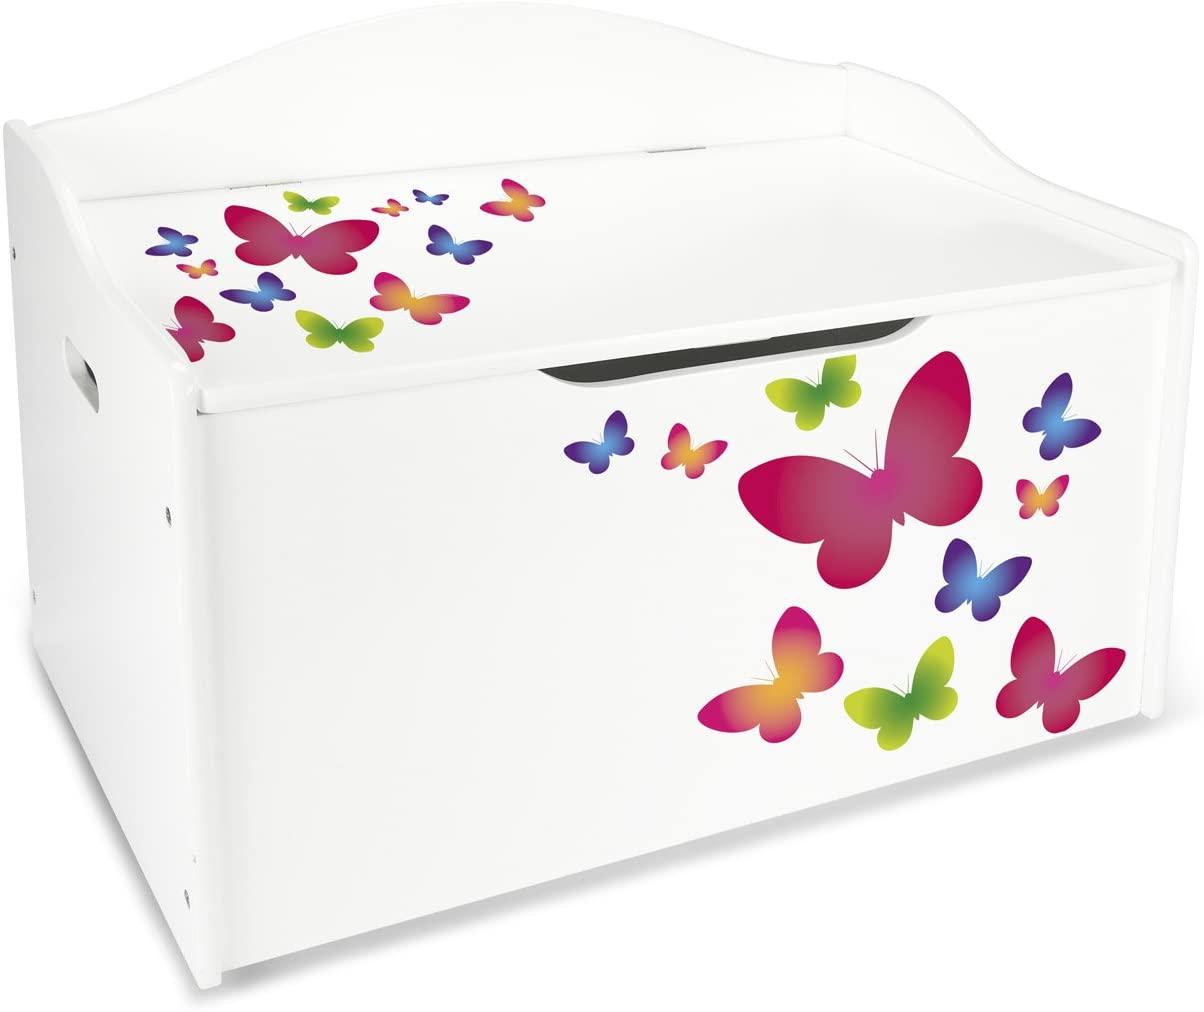 Baúl Para Juguetes XL Caja de Madera Almacenamiento Baúl Infantil Cuarto de Niños Equipamiento de Sala Jardín de Infantes Guardería Para Juguetes y Accesorios Mariposas Coloridas